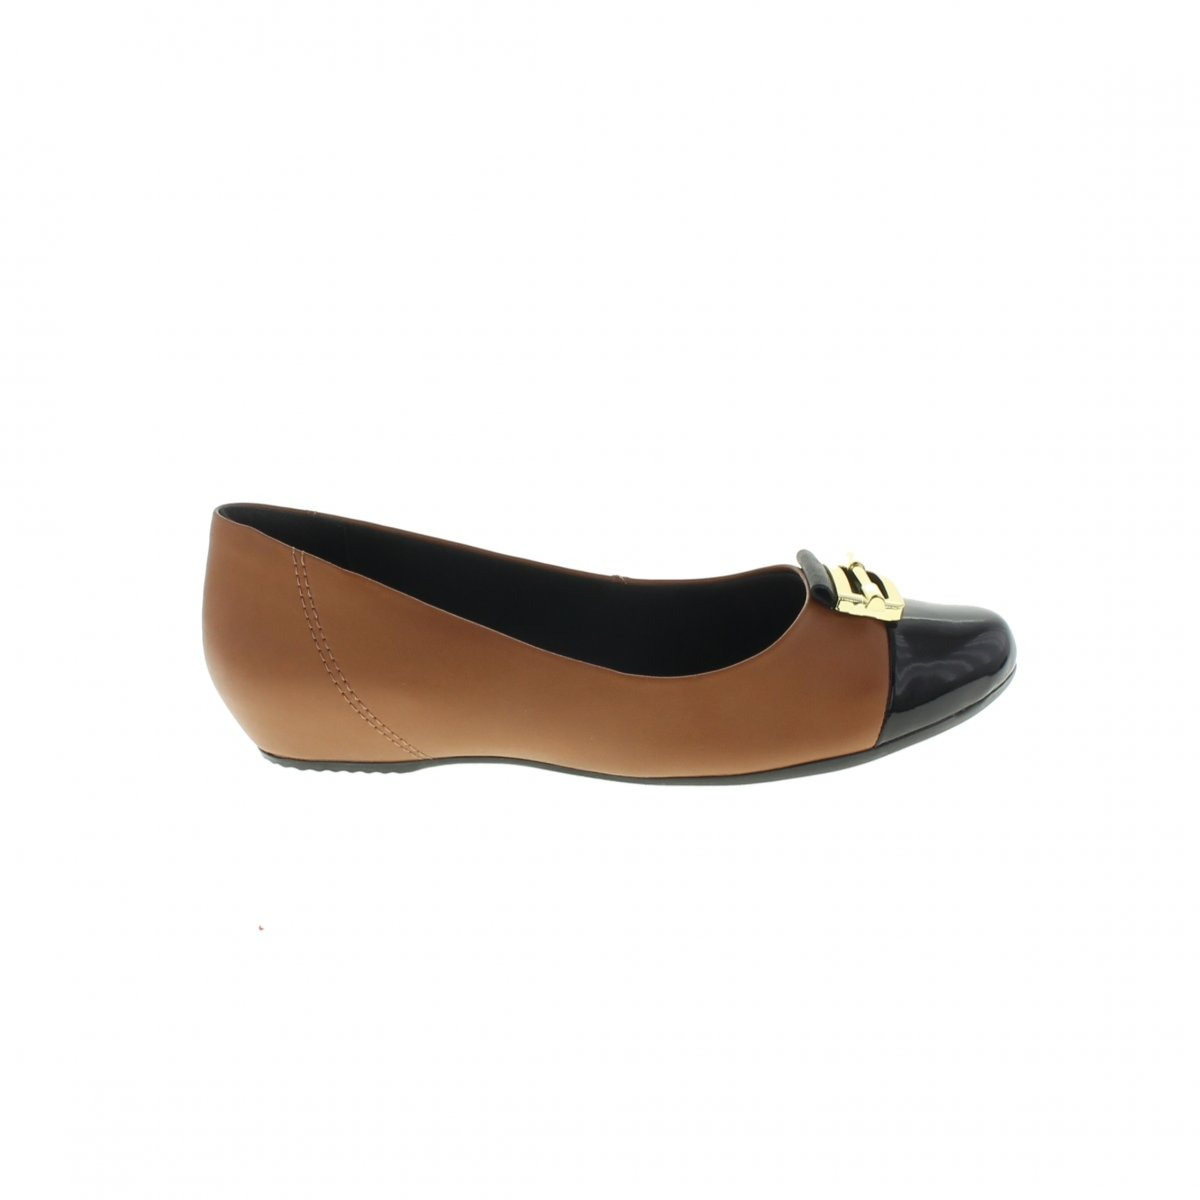 1be6096c3 sapatilha comfortflex 1884302 feminina confortável - coutope. Carregando  zoom.